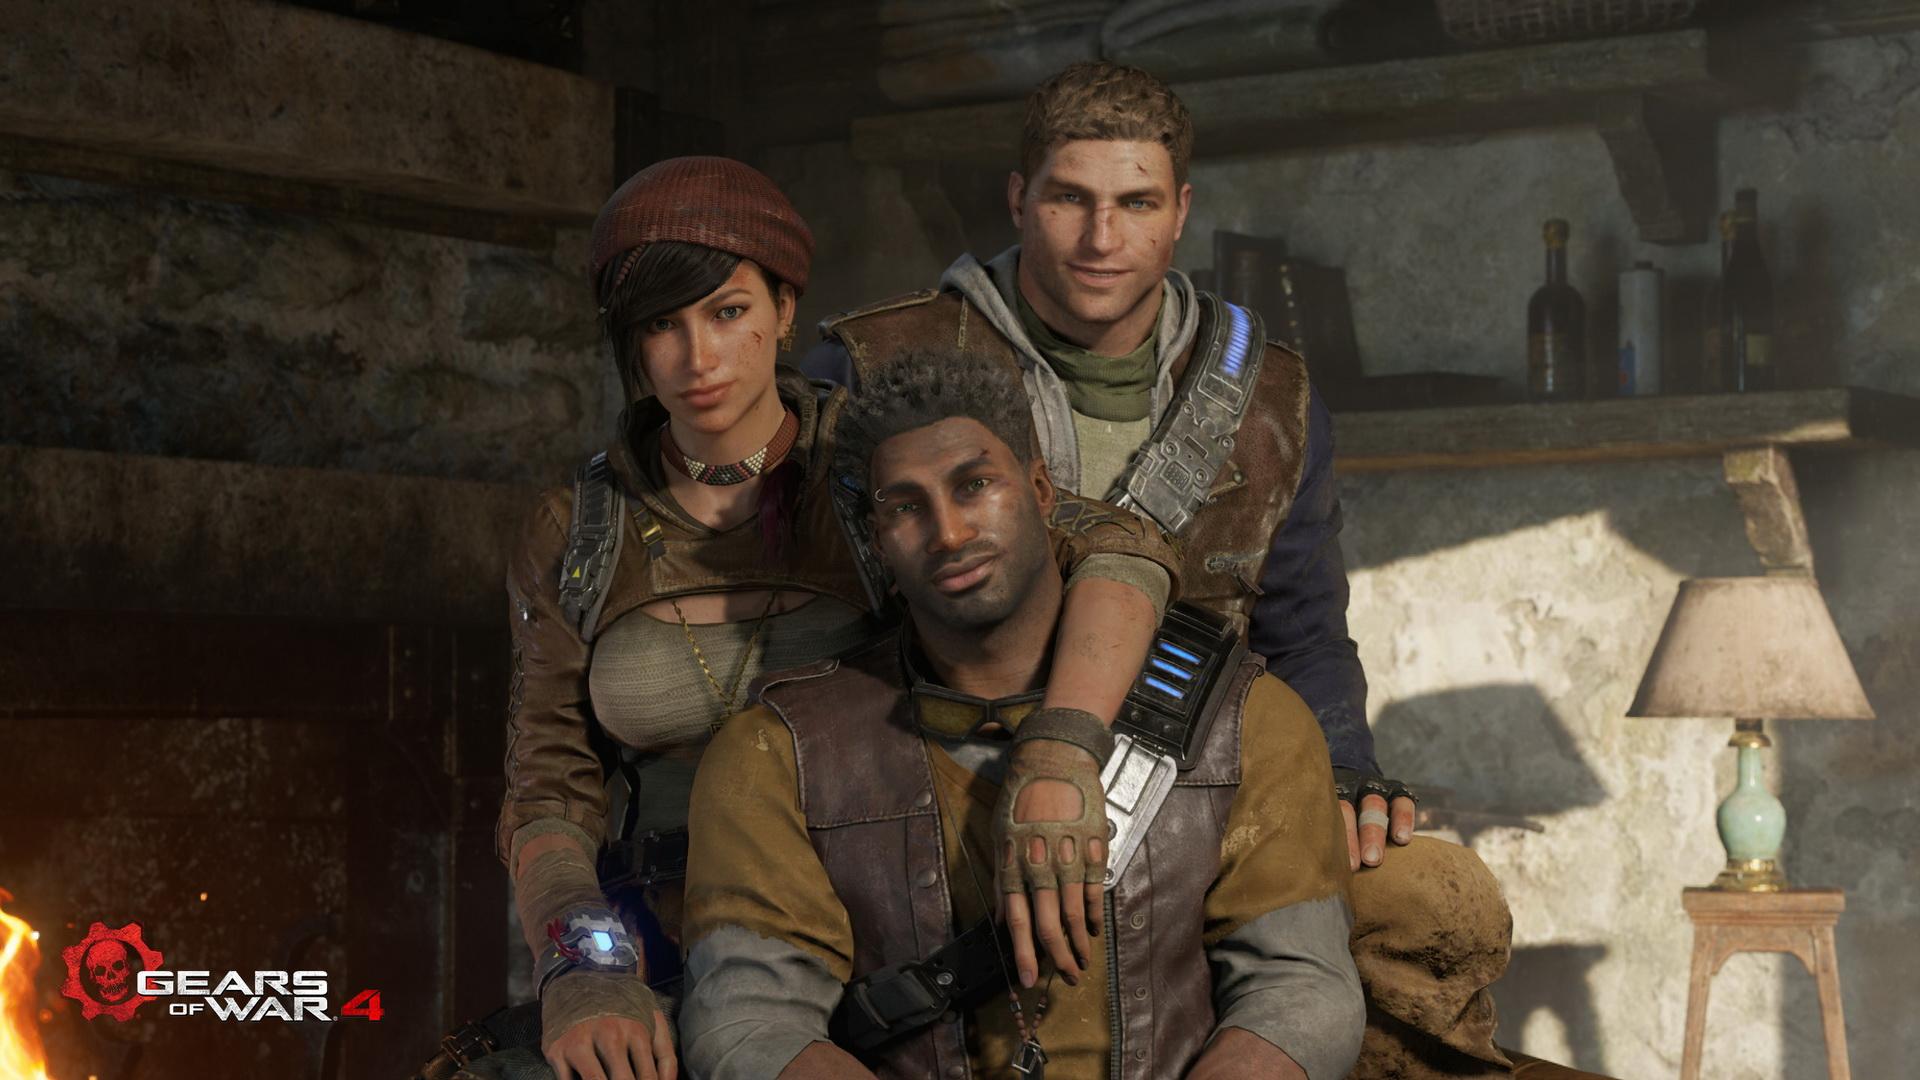 Gears of War 4 Family